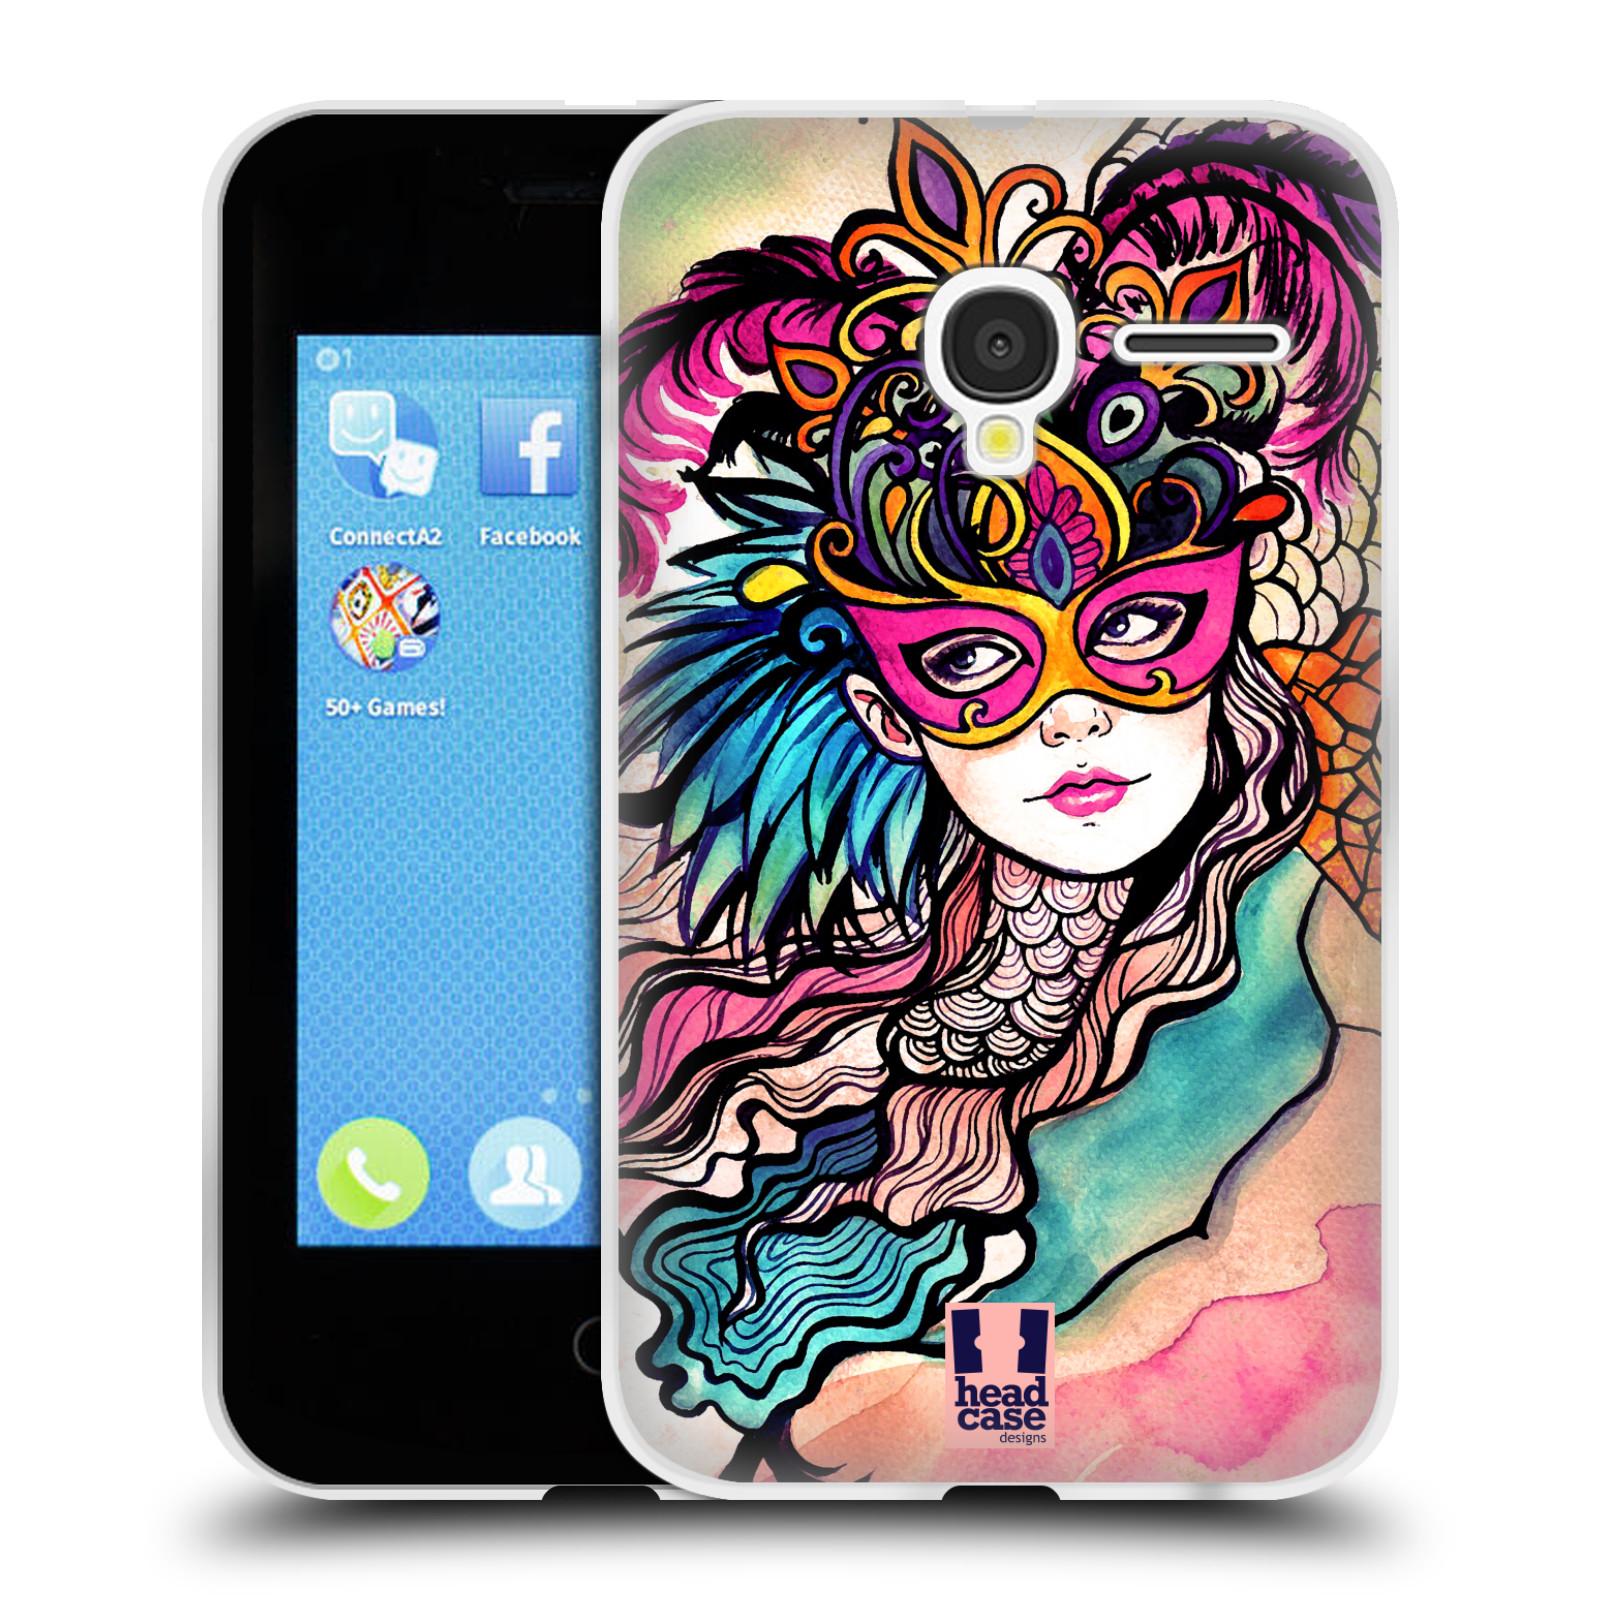 HEAD CASE silikonový obal na mobil Alcatel PIXI 3 OT-4022D (3,5 palcový displej) vzor Maškarní ples masky kreslené vzory růžová